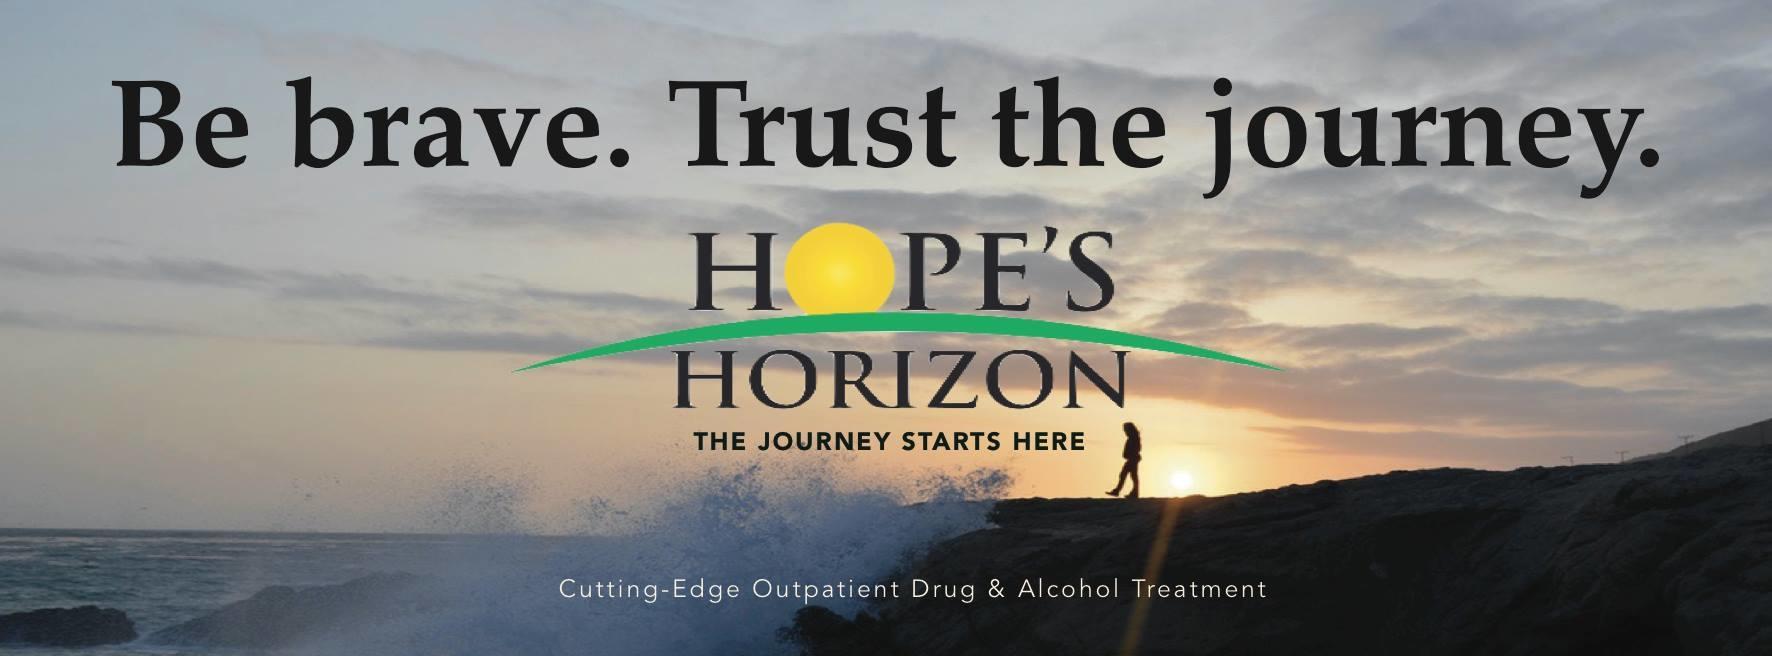 Hope's Horizon image 1